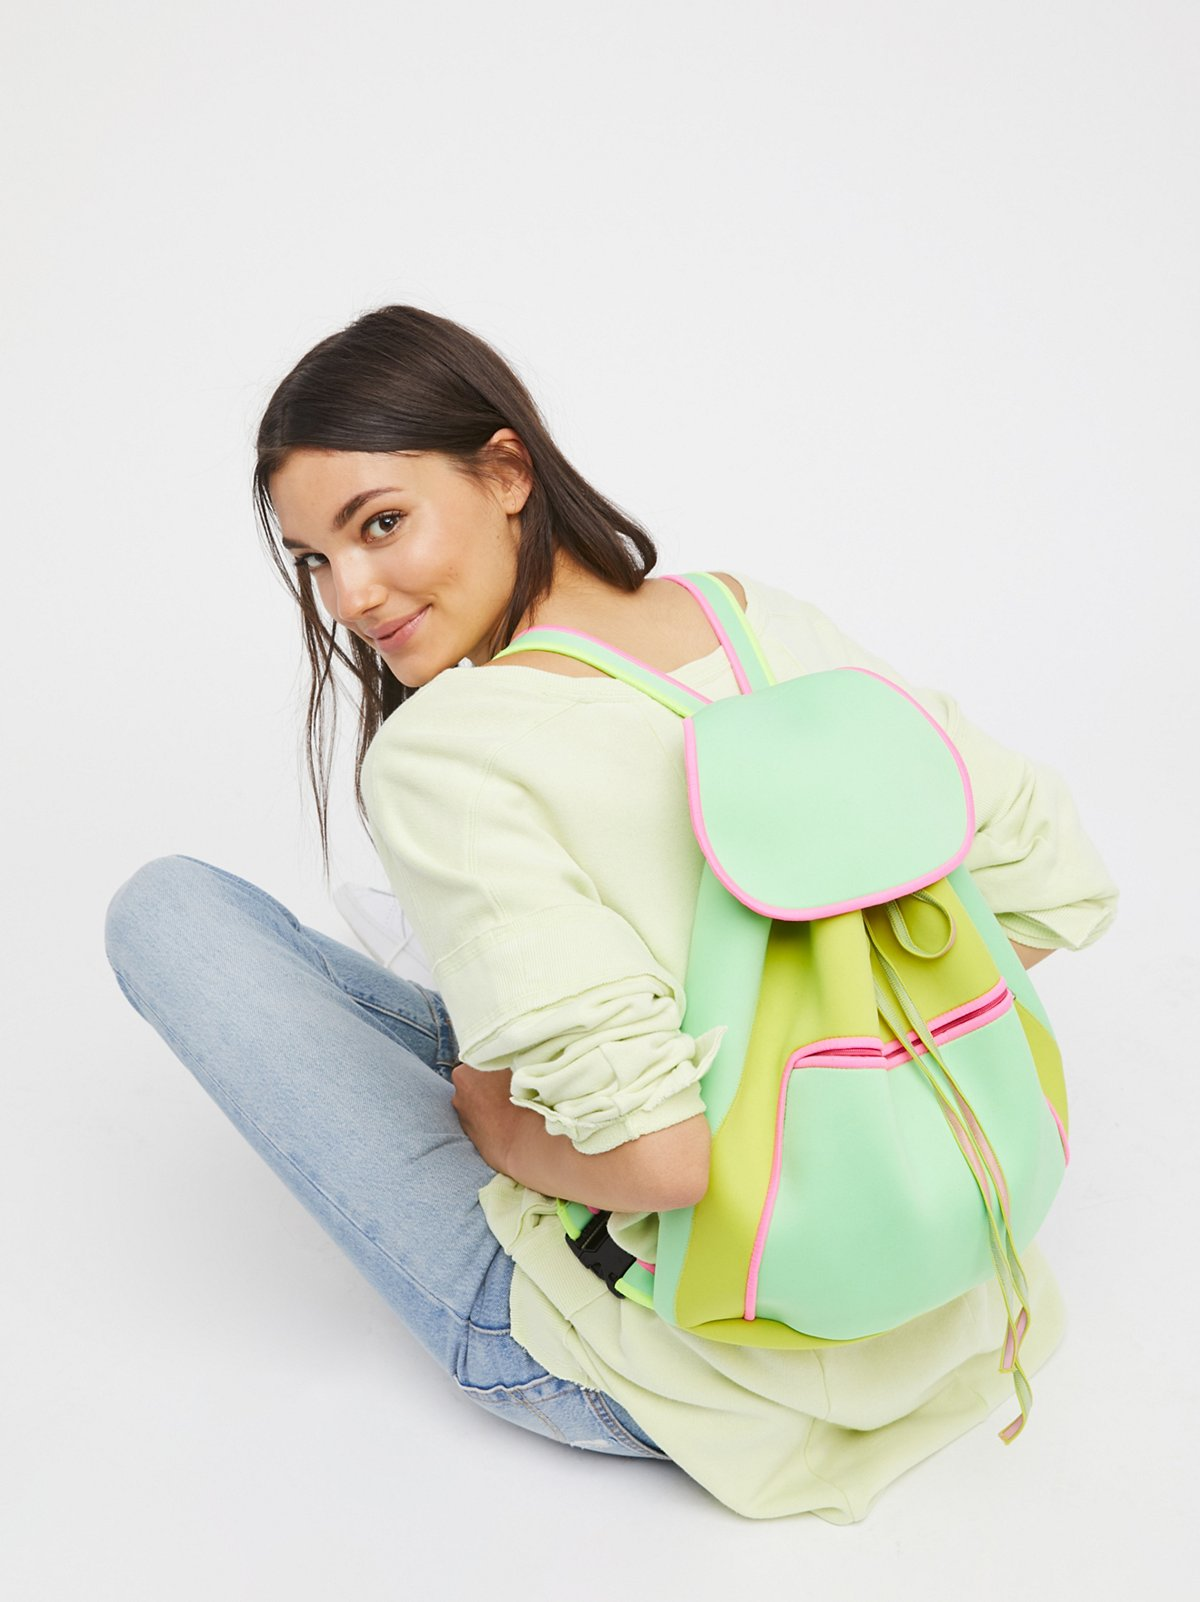 Surfs Up Neoprene Backpack